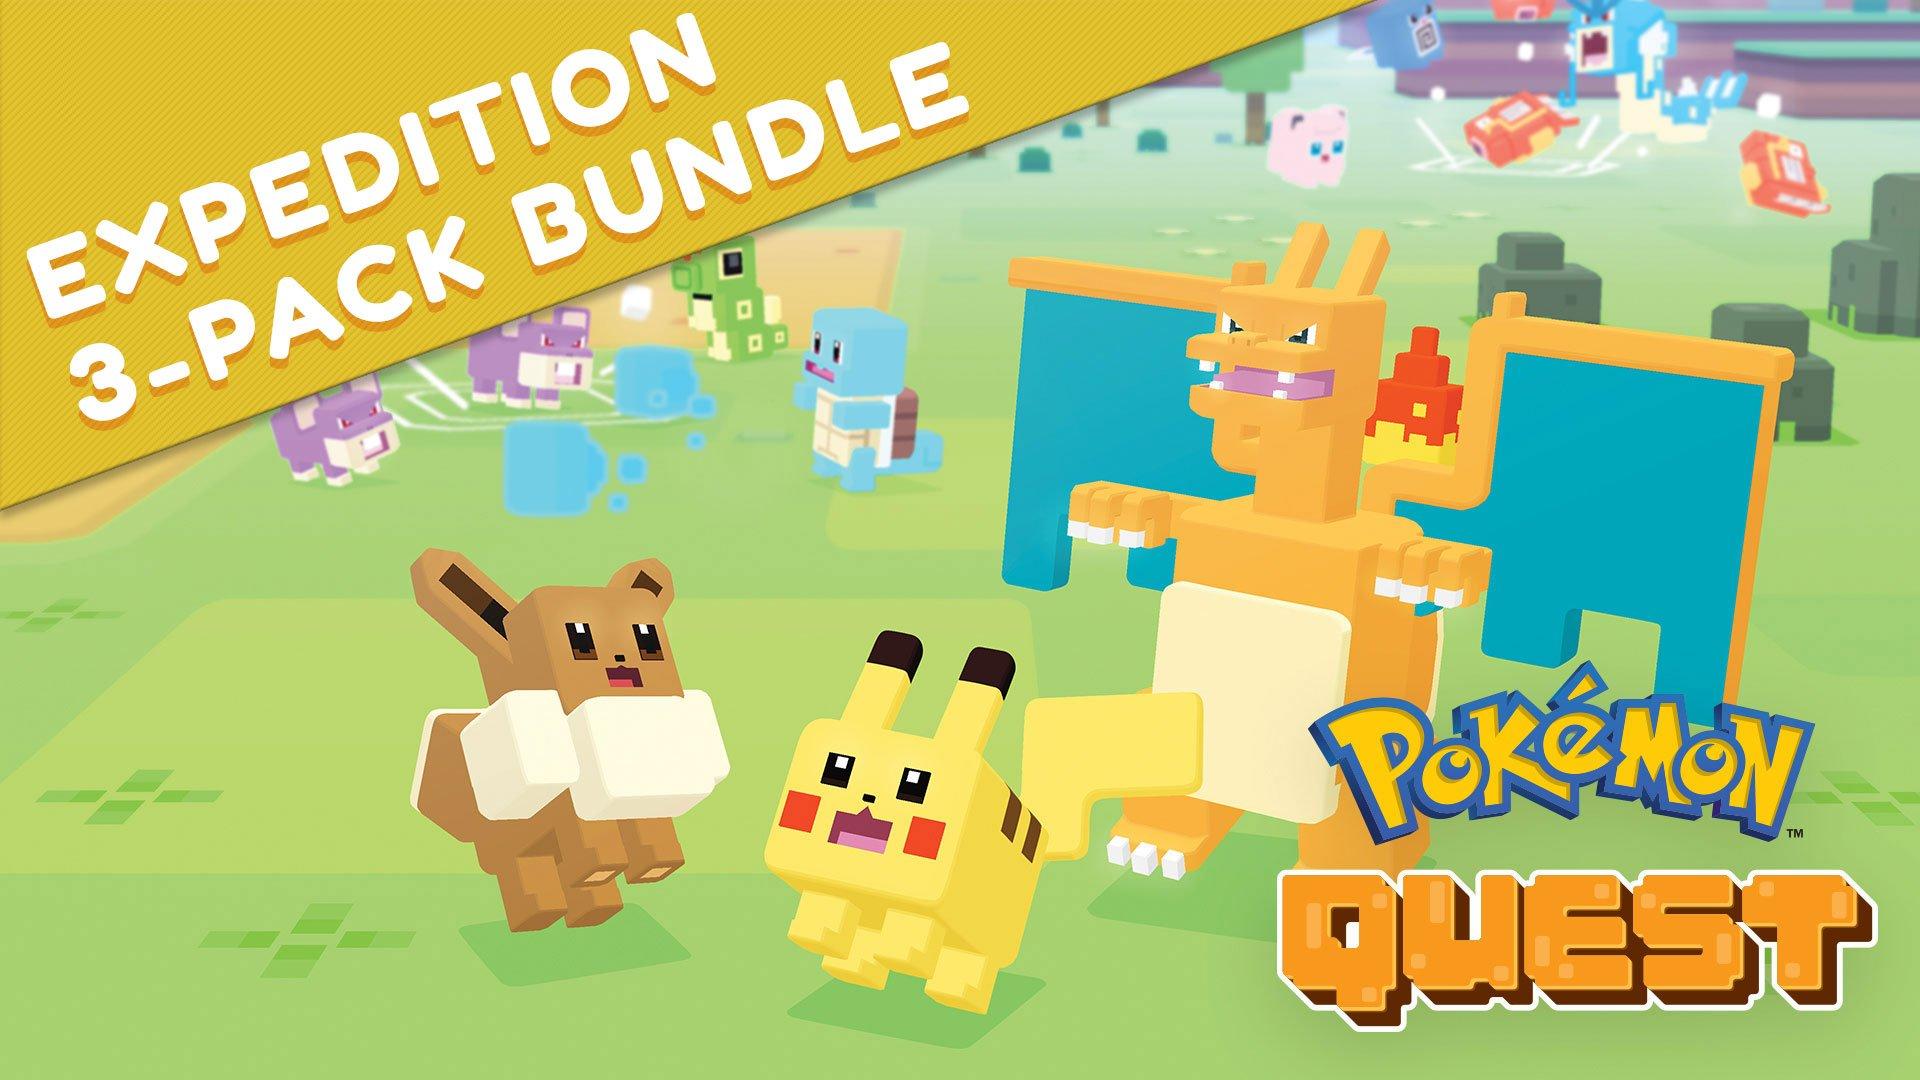 Pokémon Quest: Expedition 3-Pack Bundle - Nintendo Switch [Digital Code]